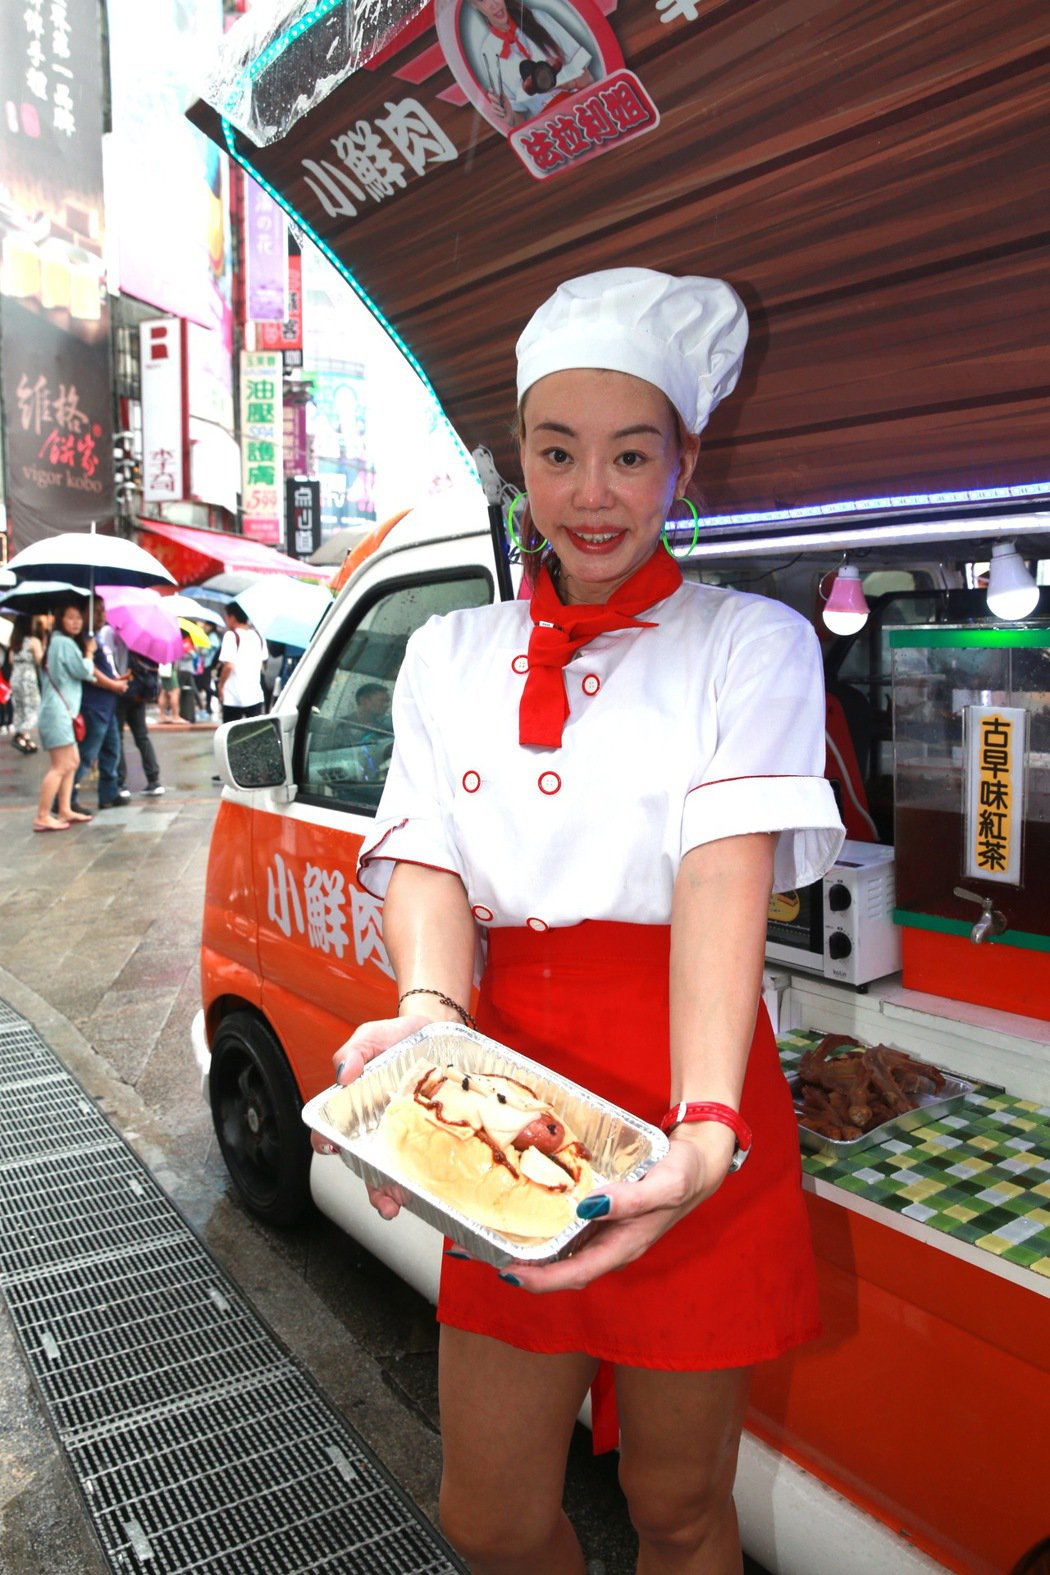 法拉利姐開餐車賣香腸,頻遭人檢舉。 圖/聯合報系資料照